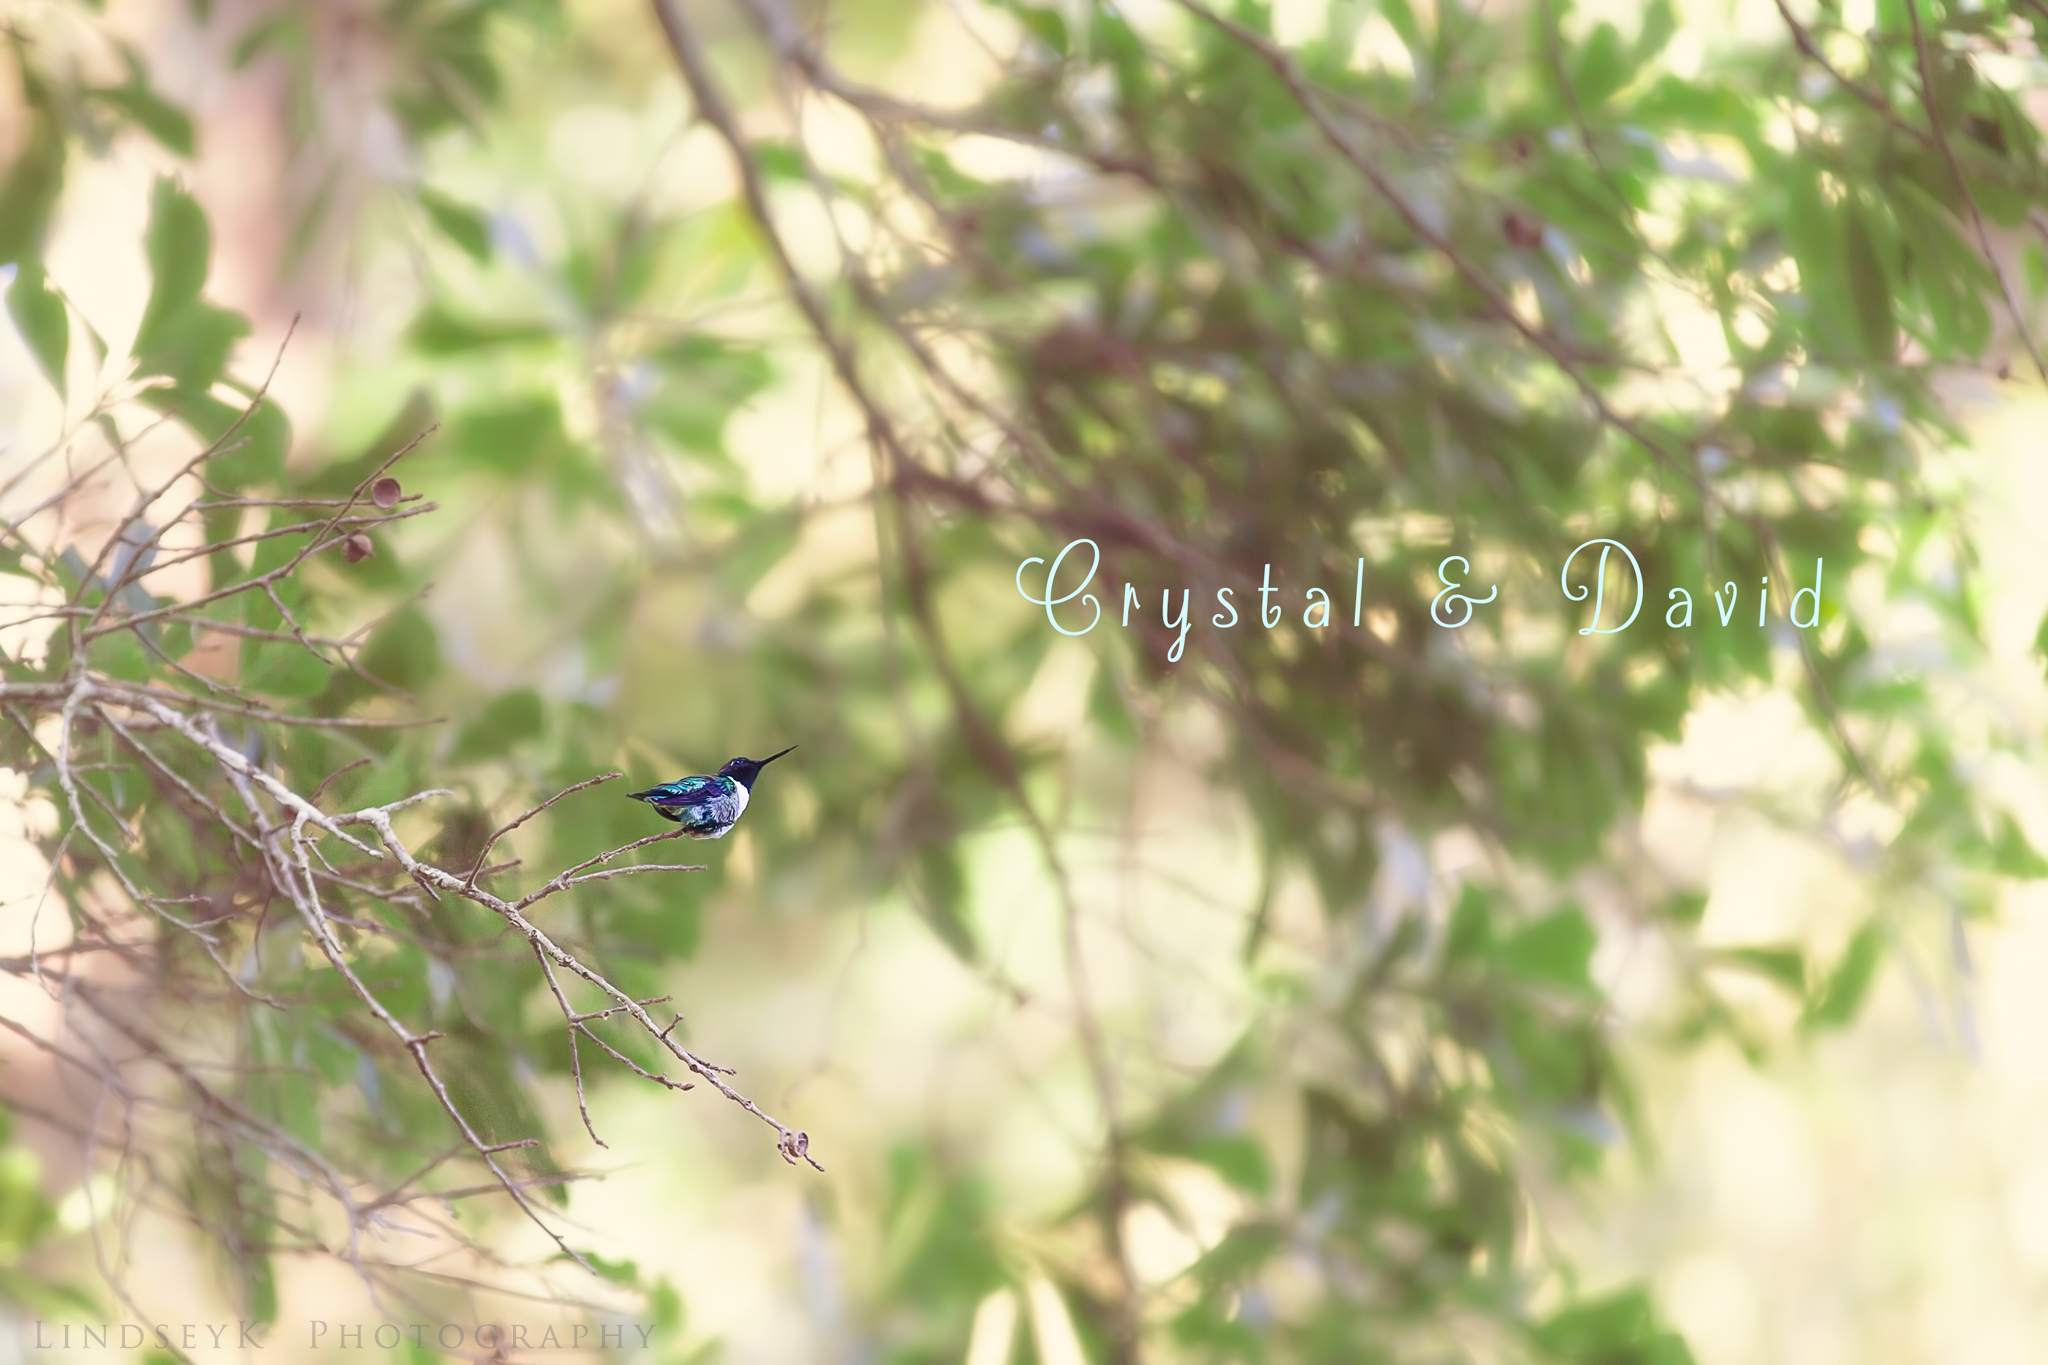 hummingbird-on-branch.png